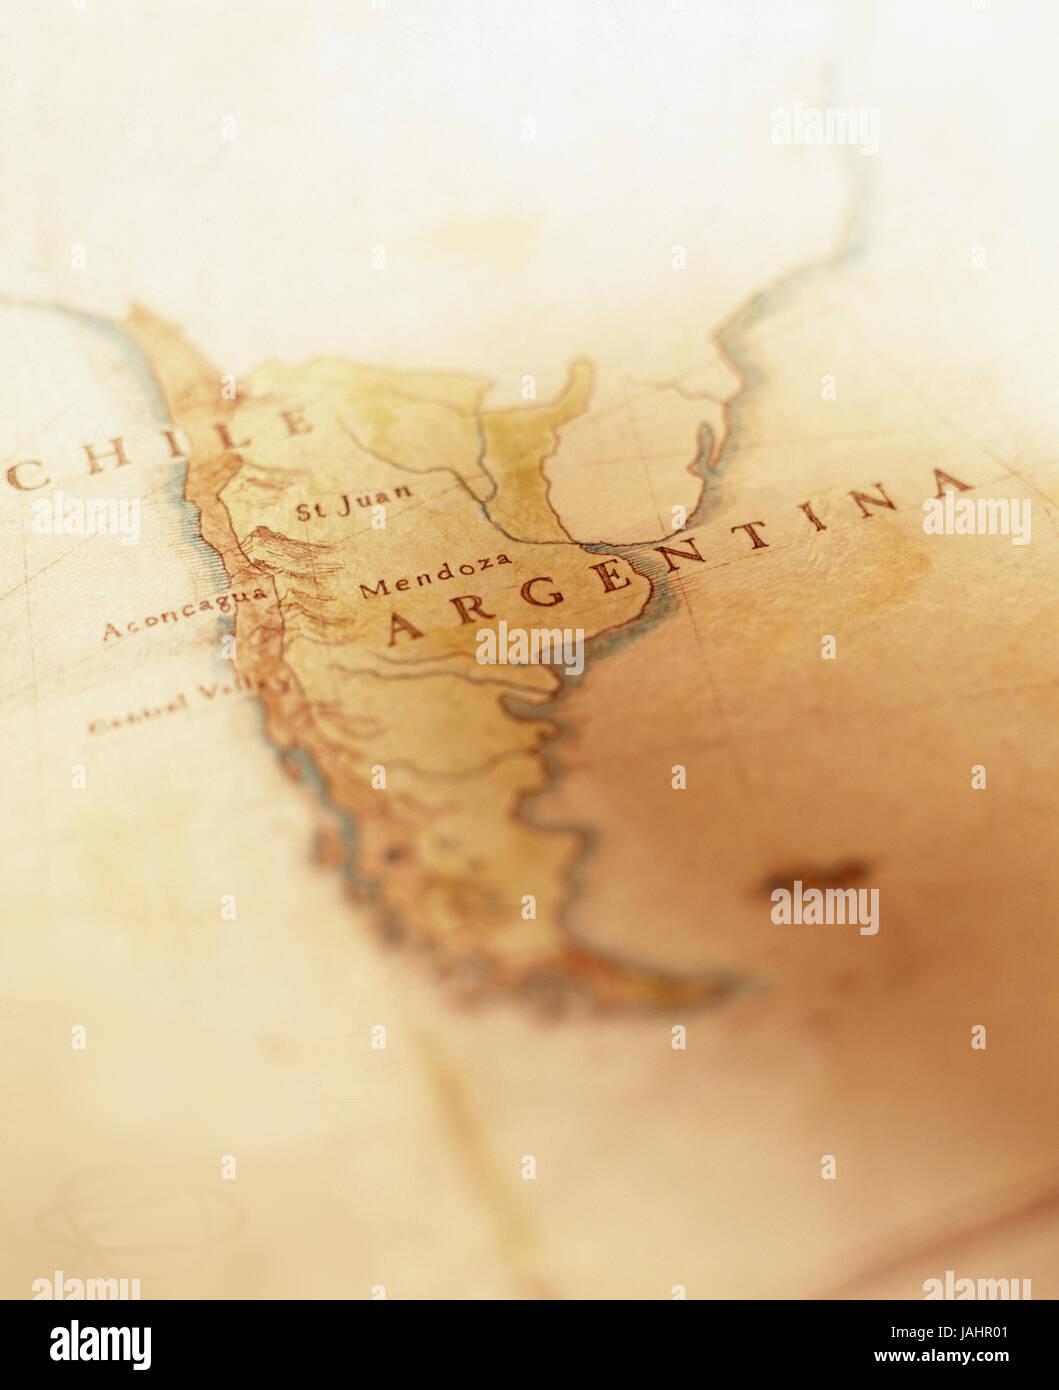 Dibujado a mano el mapa de Chile y Argentina Foto de stock